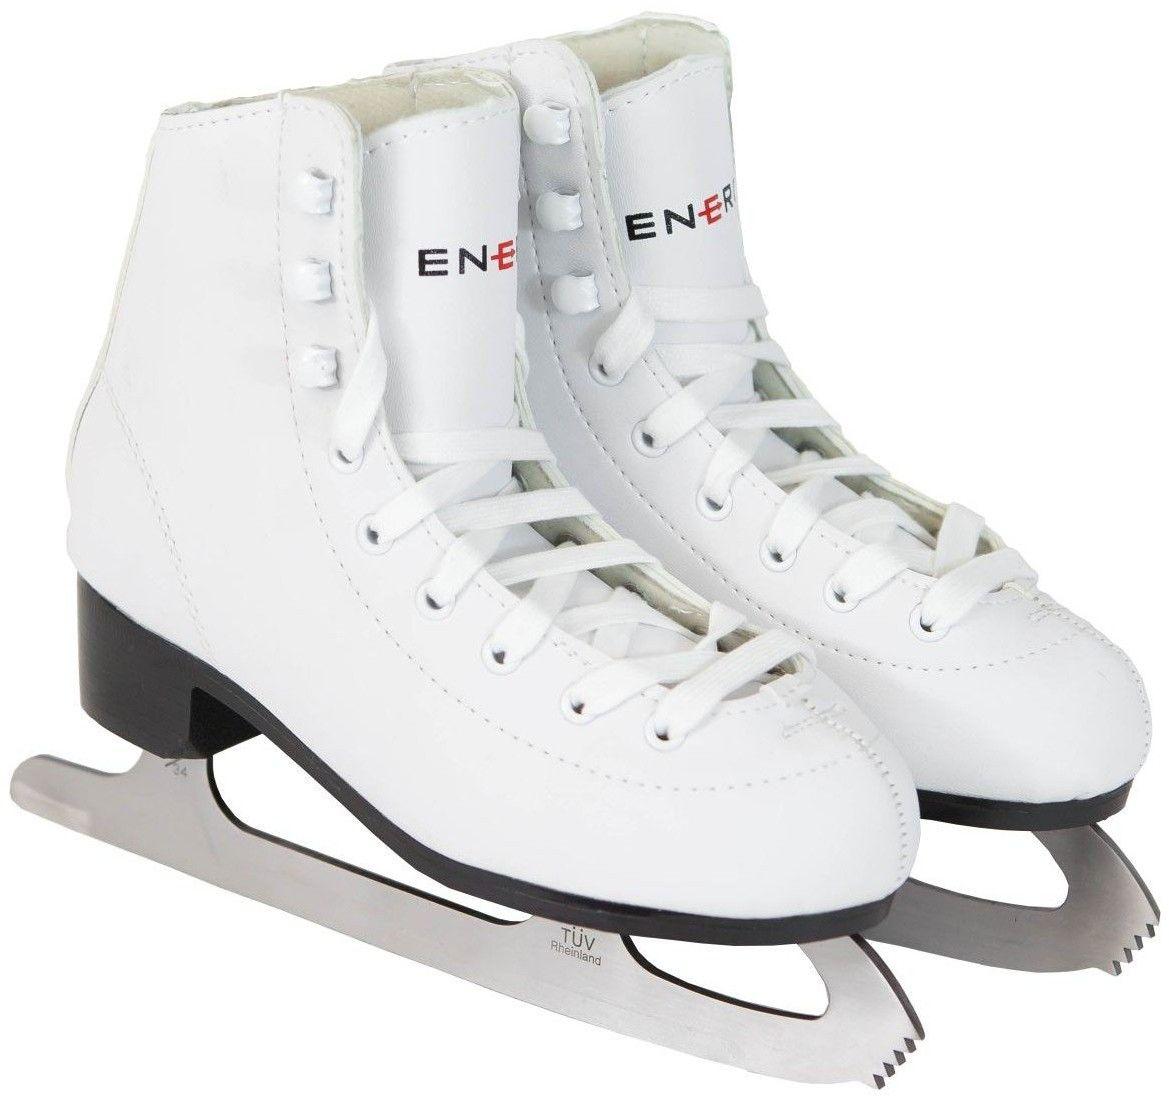 Łyżwy figurowe Enero białe Rozmiar buta: 36